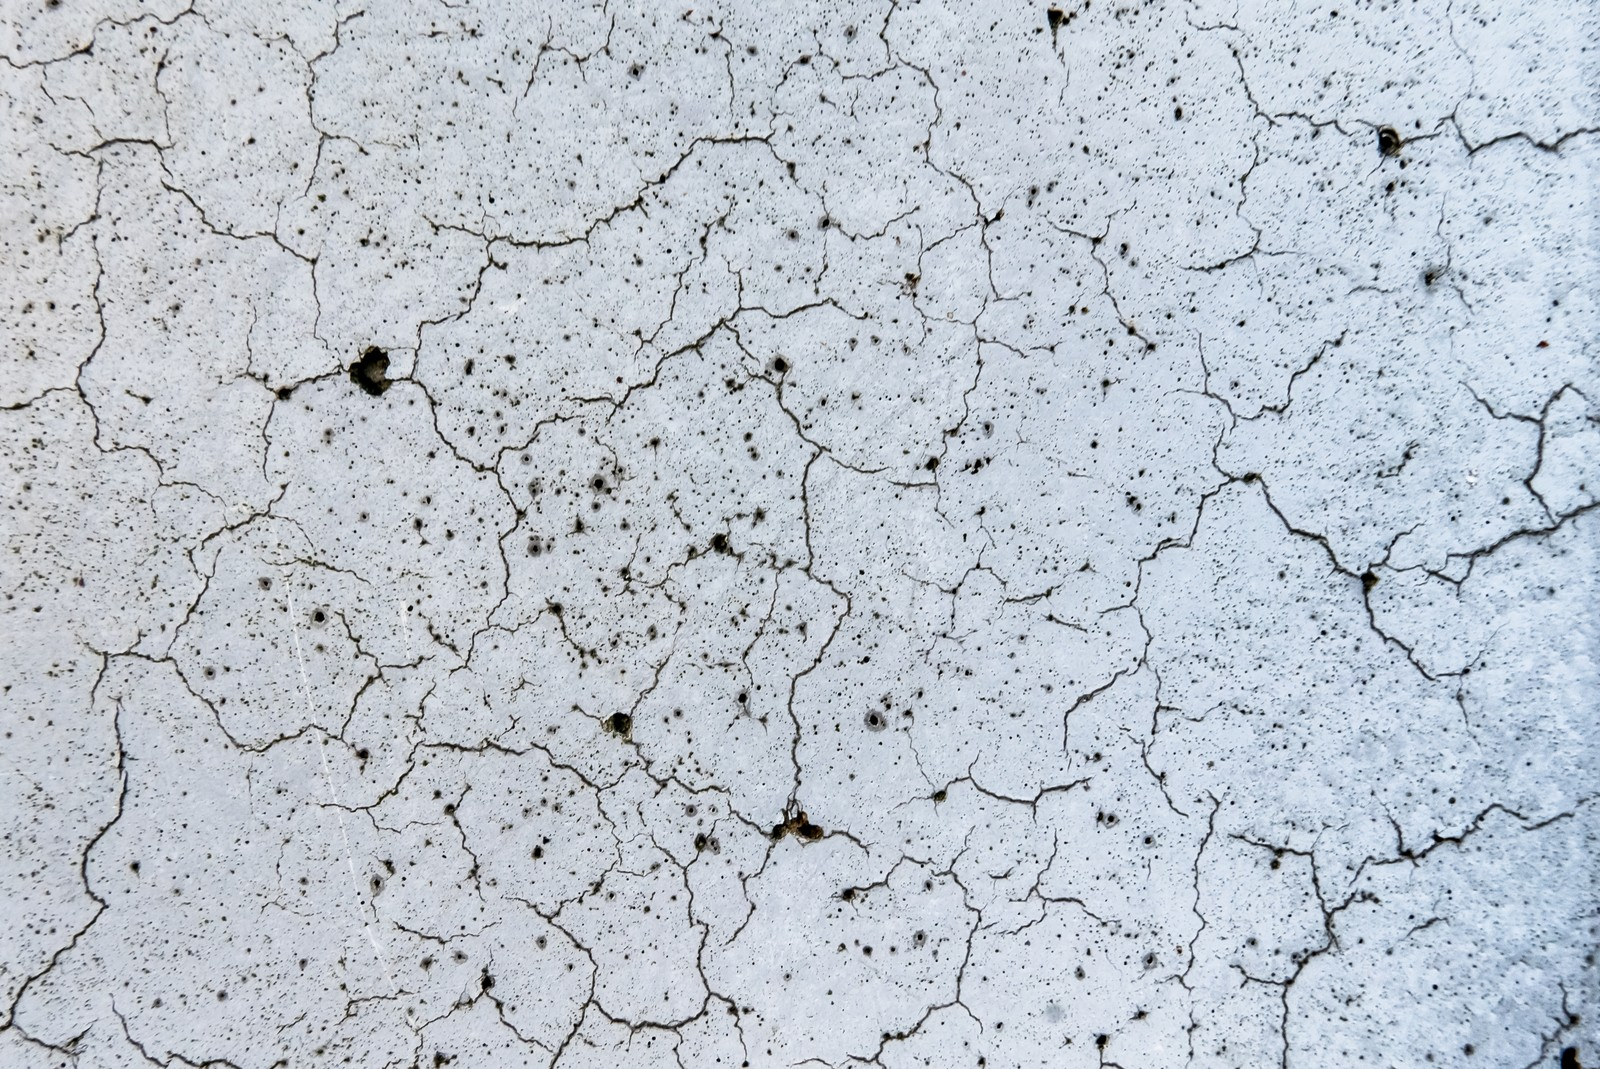 「ひび割れが多い壁(テクスチャー)ひび割れが多い壁(テクスチャー)」のフリー写真素材を拡大